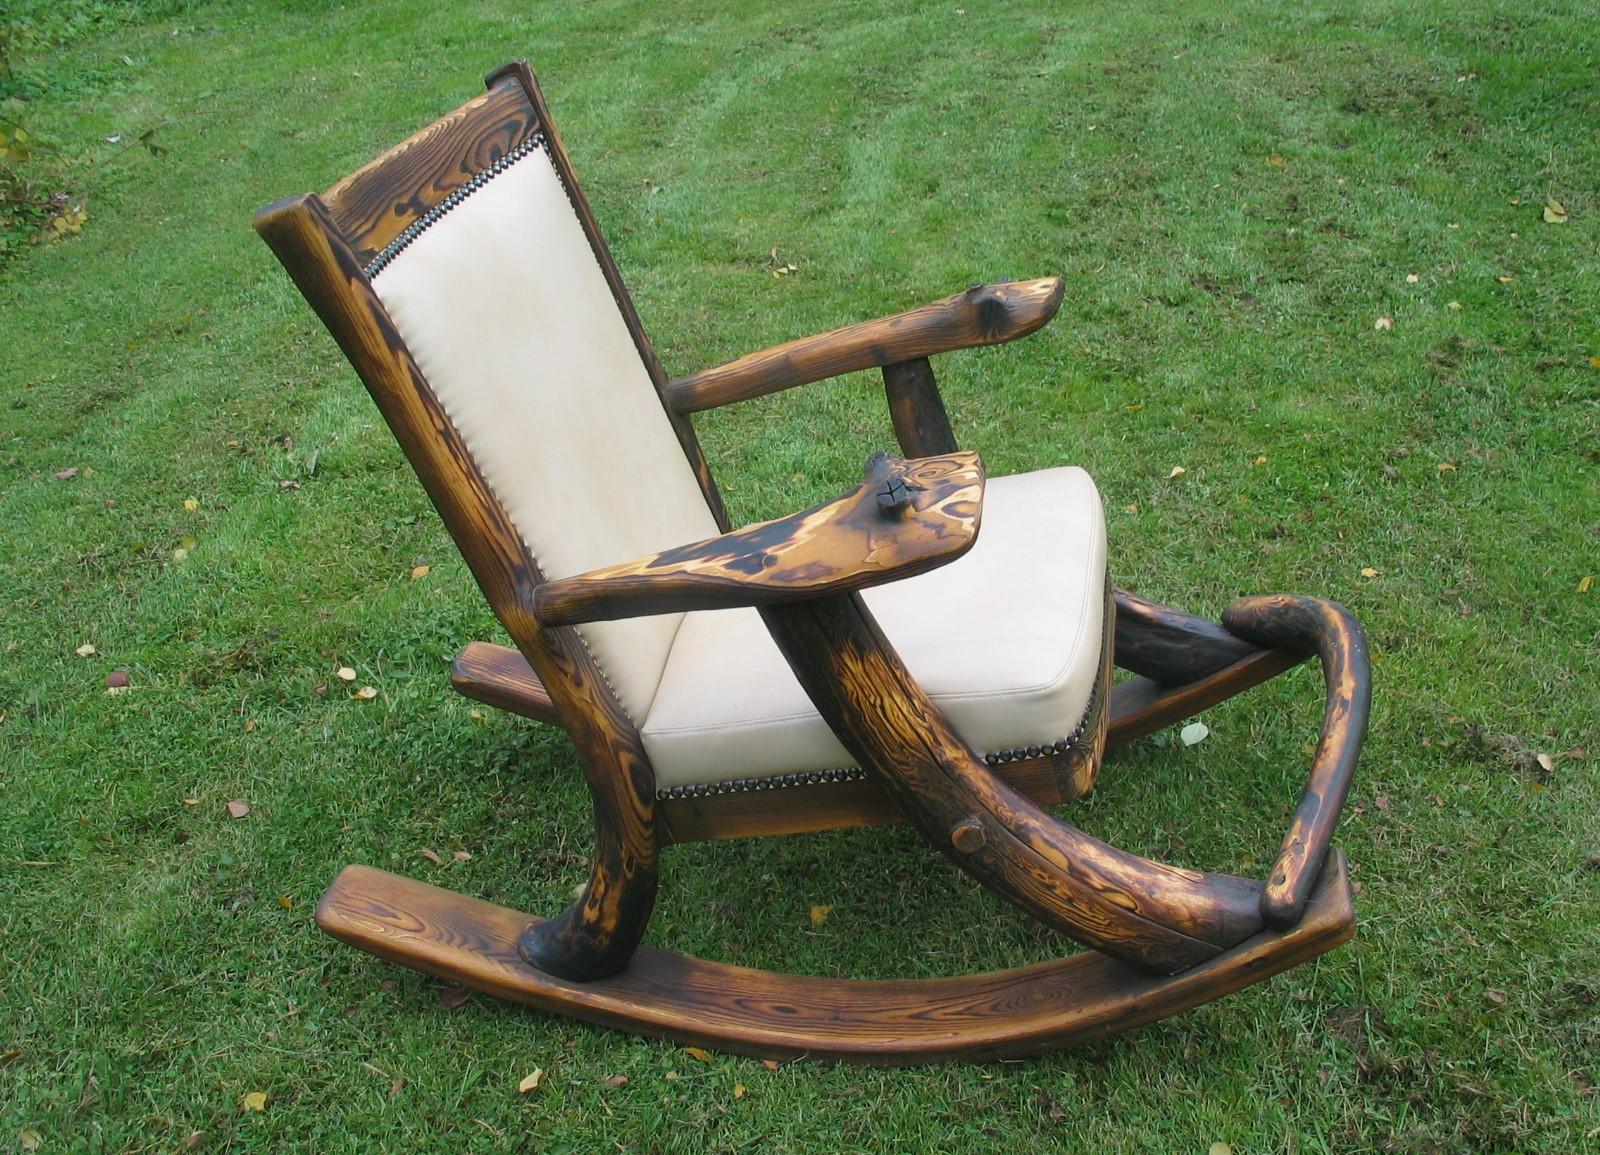 Делаем кресло-качалку своими руками: модели из дерева и пластика